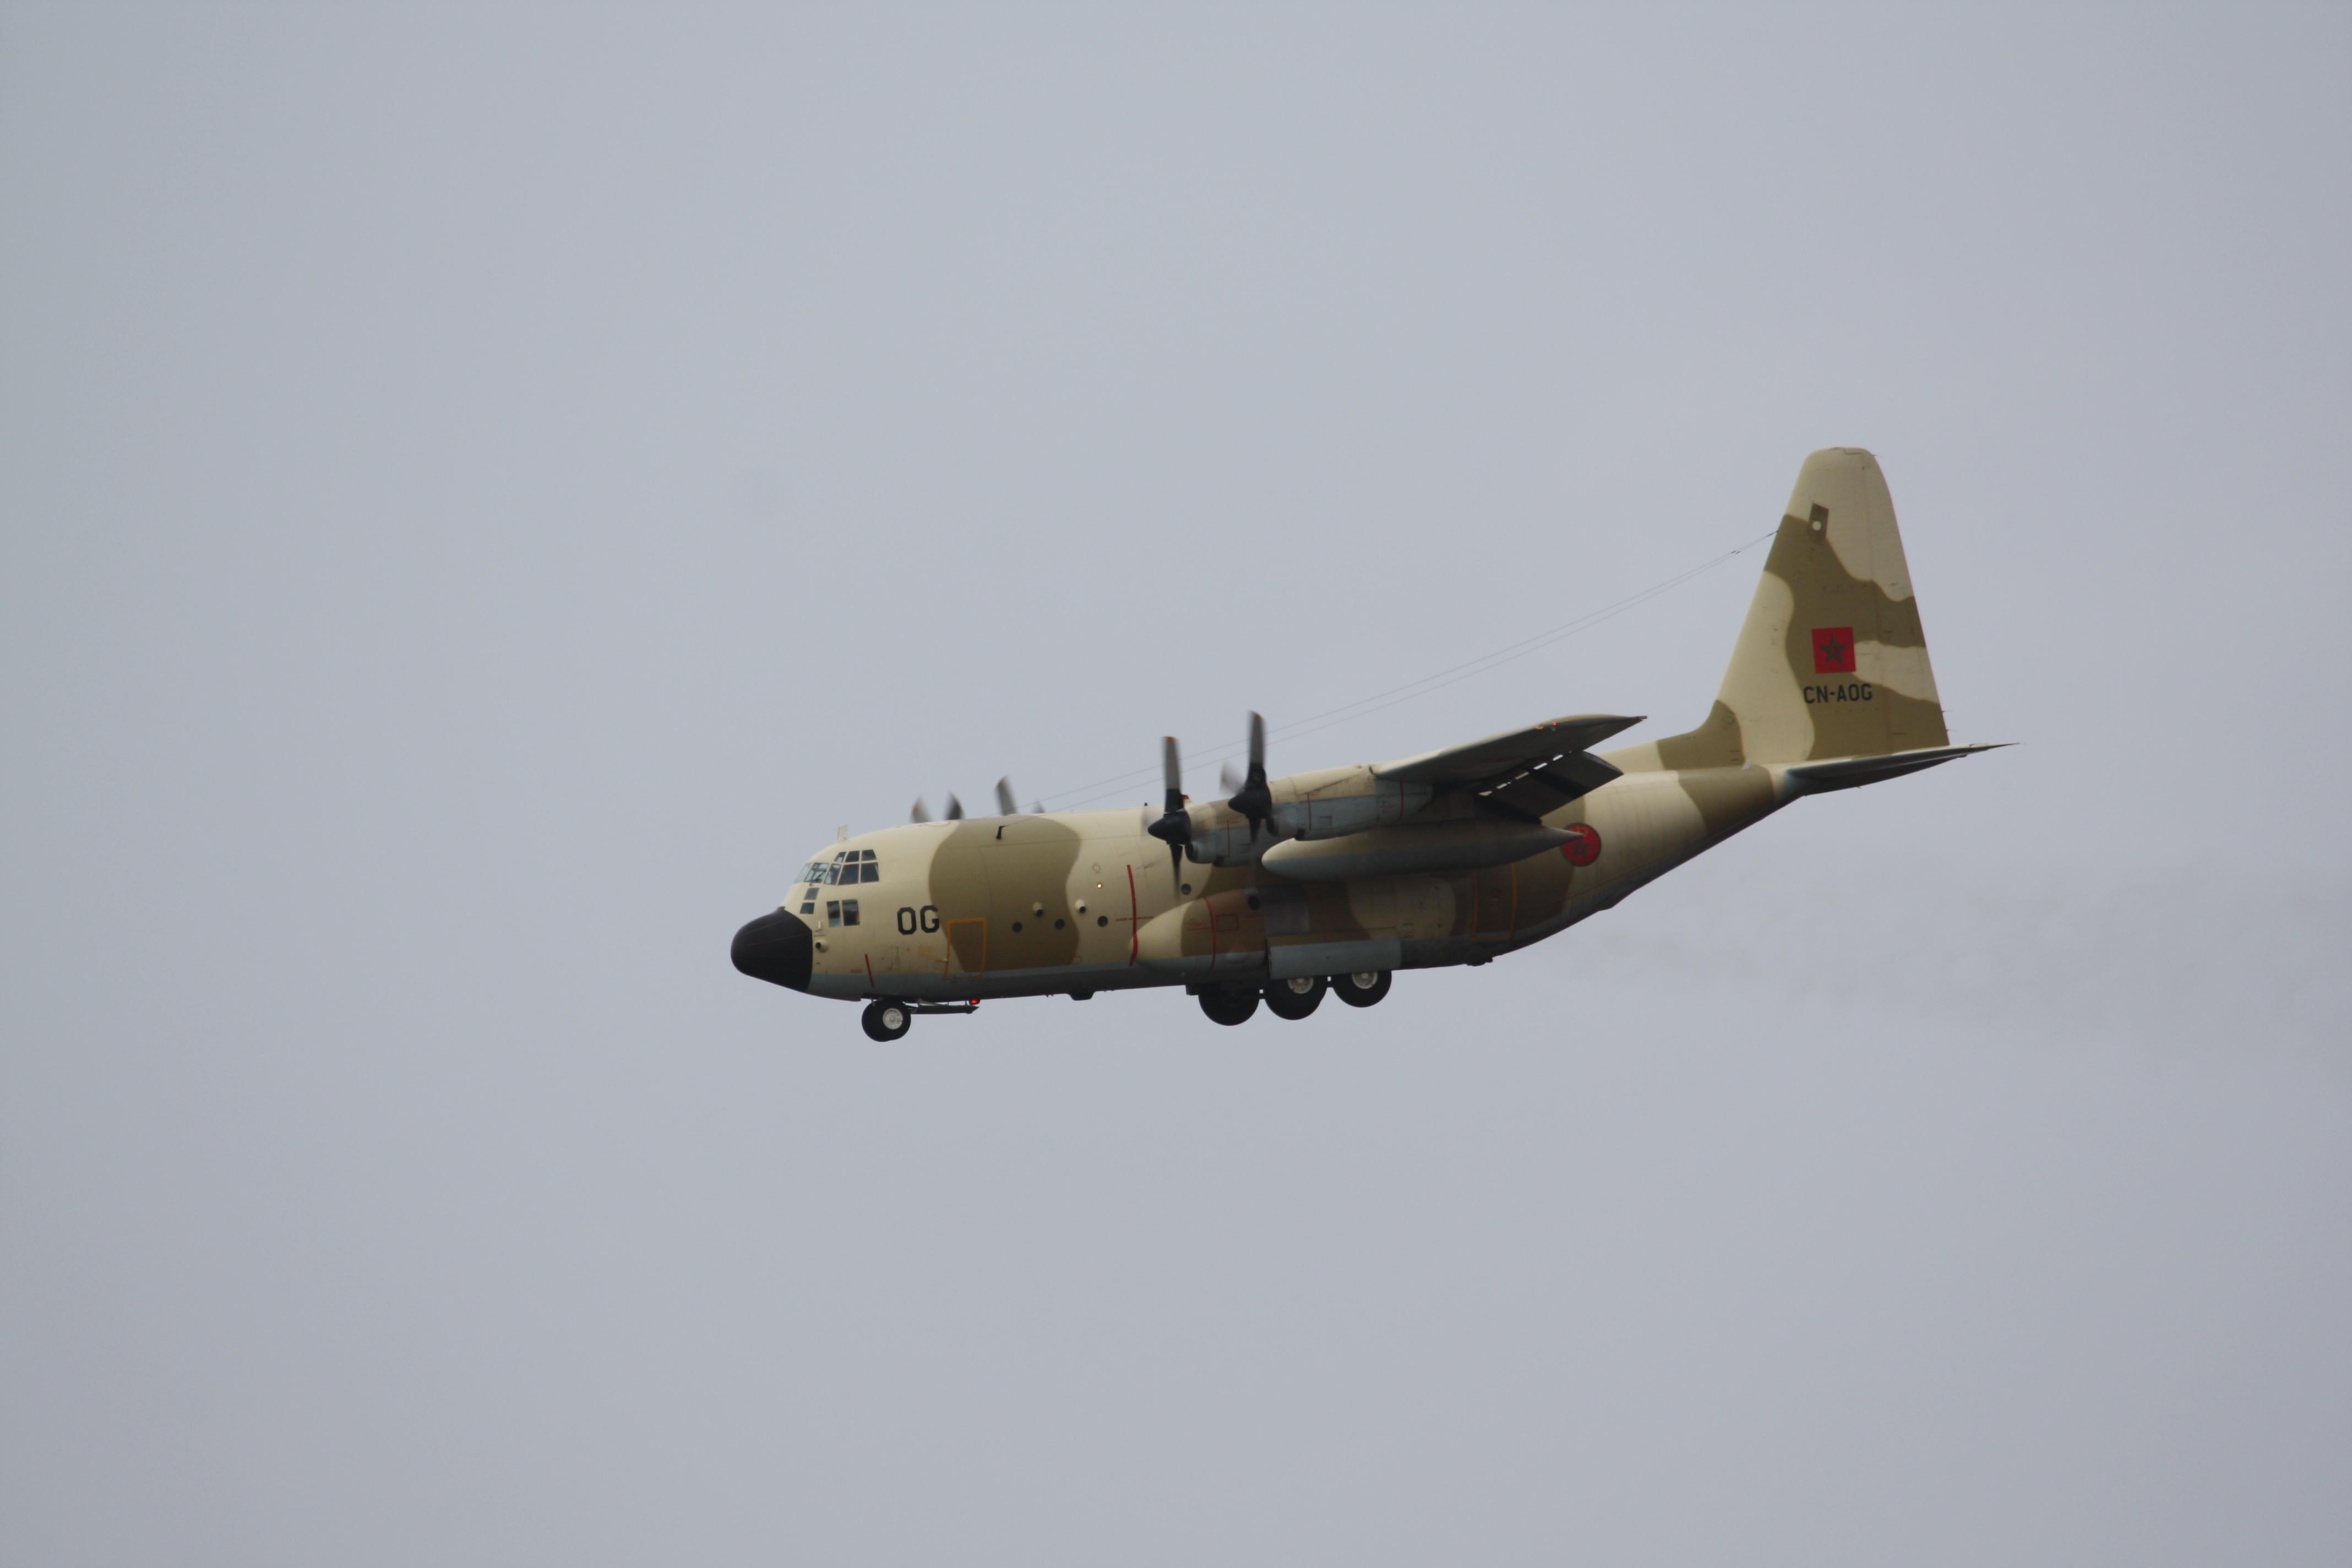 FRA: Photos d'avions de transport - Page 21 16658946416_336f2a0877_o